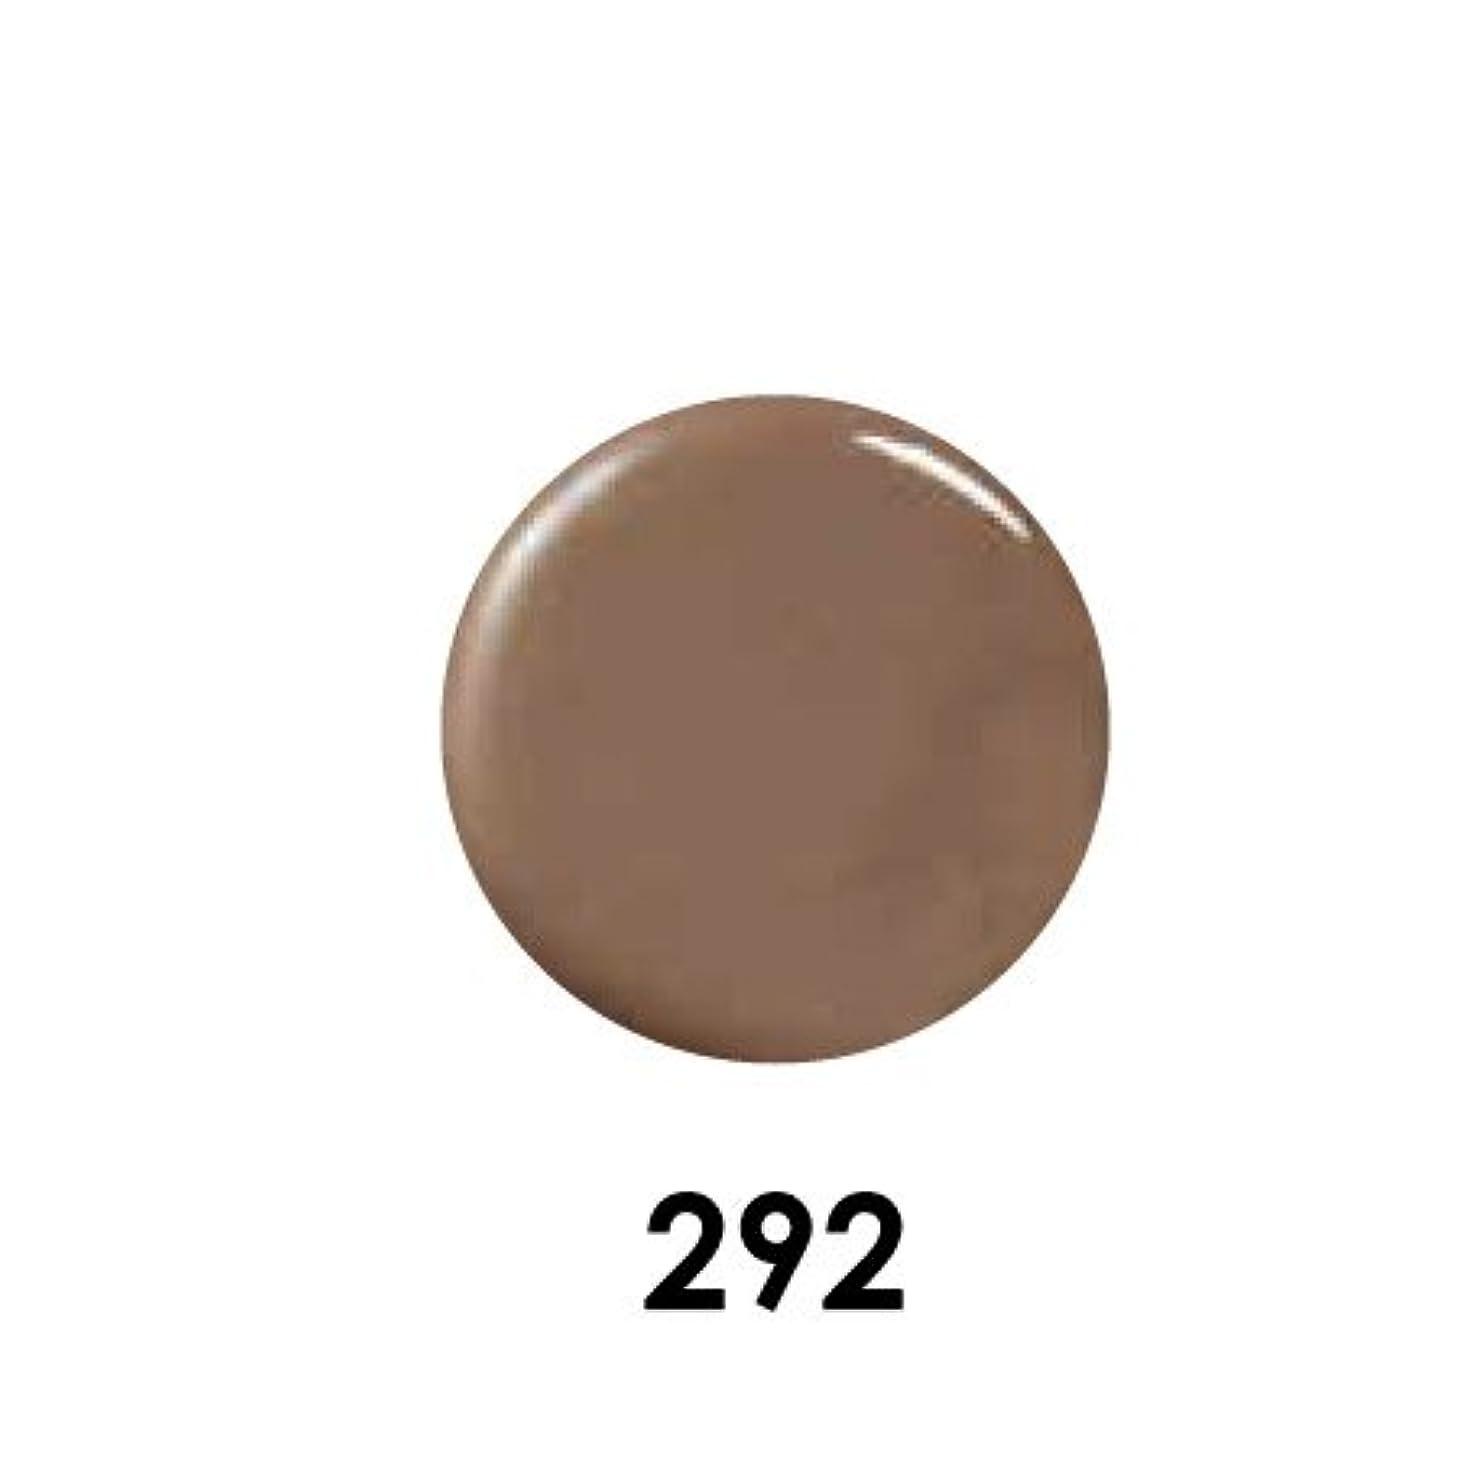 汚染はぁスロベニアPutiel プティール カラージェル 292 ジプシーブラウン 2g (MARIEプロデュース)